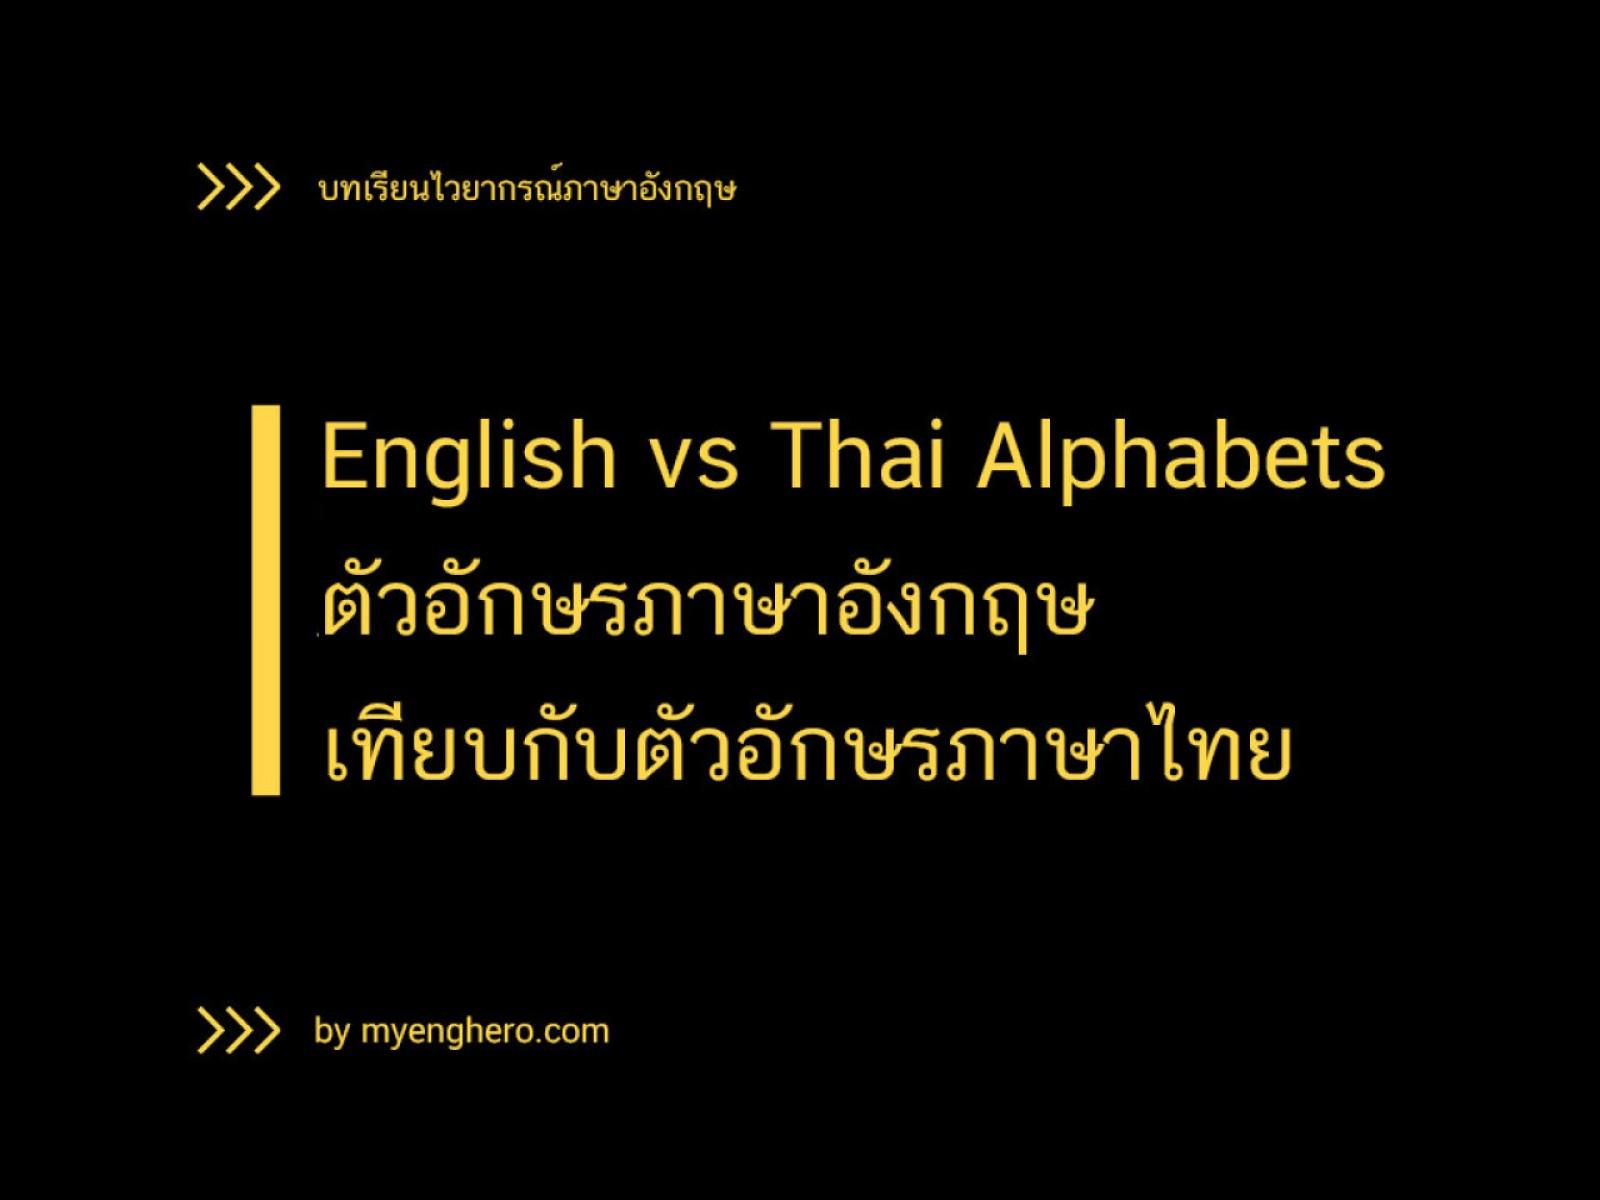 ตัวอักษรภาษาอังกฤษเทียบกับตัวอักษรภาษาไทย | Eng Hero เรียนภาษาอังกฤษ ออนไลน์ ฟรี